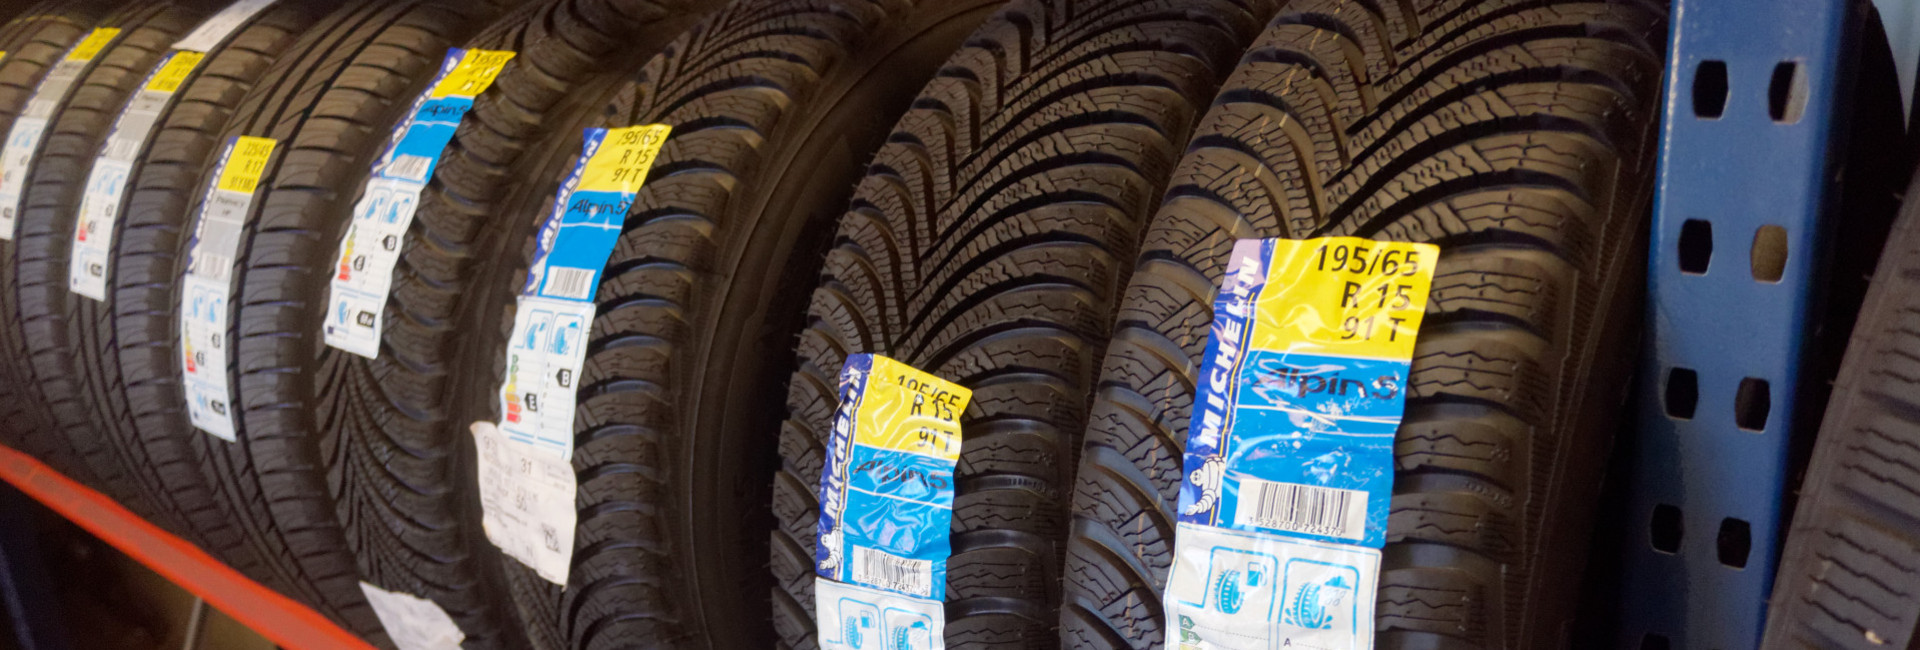 Zijn uw autobanden aan vervanging toe?